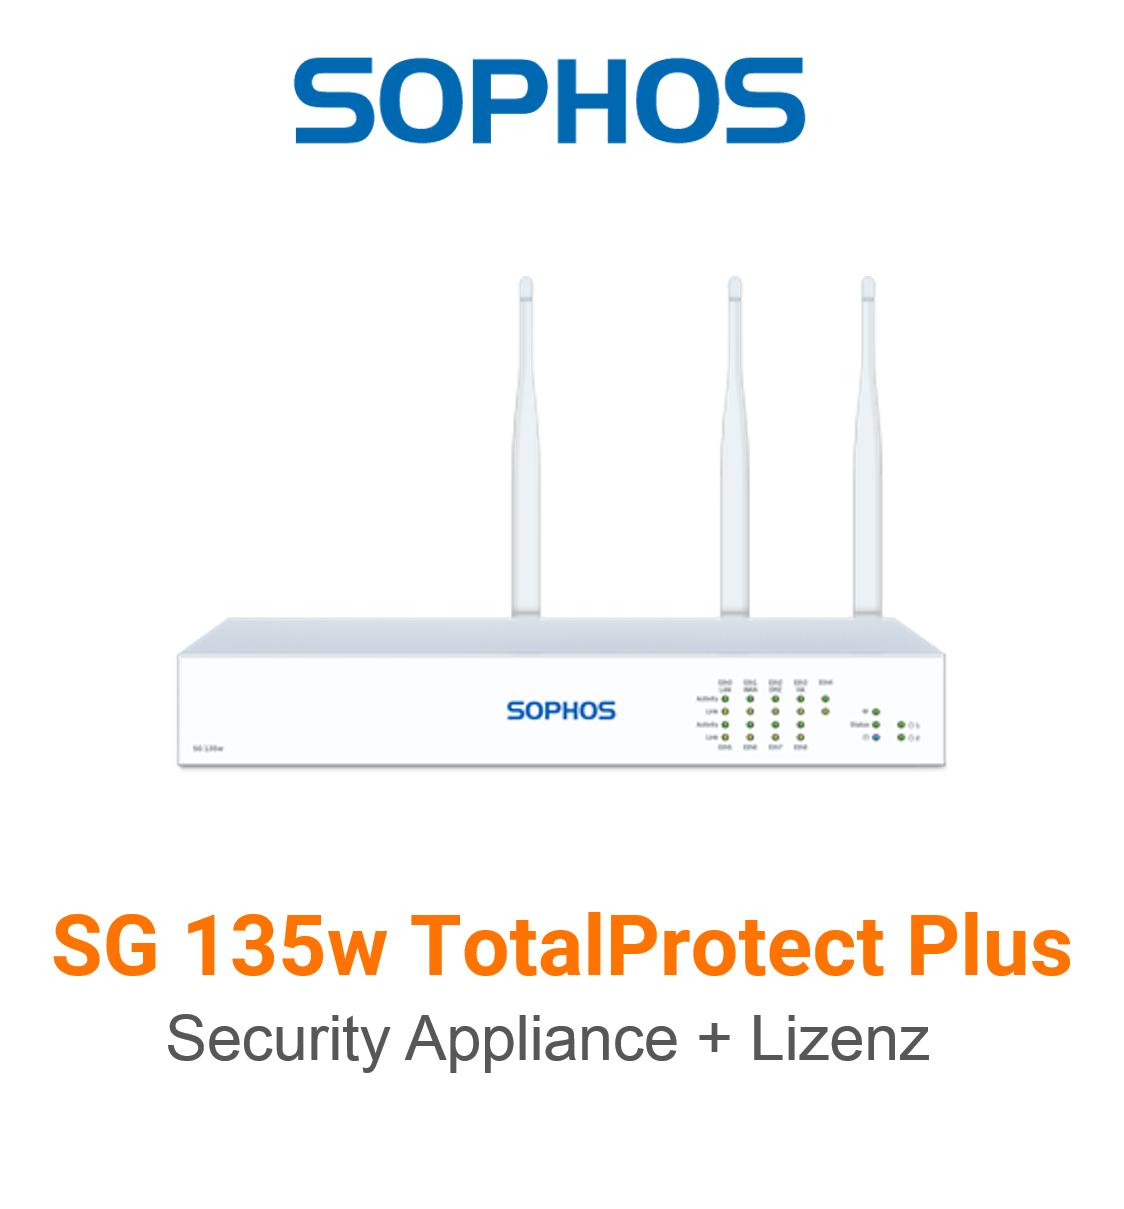 Sophos SG 135w TotalProtect Plus Bundle (Hardware + Lizenz)